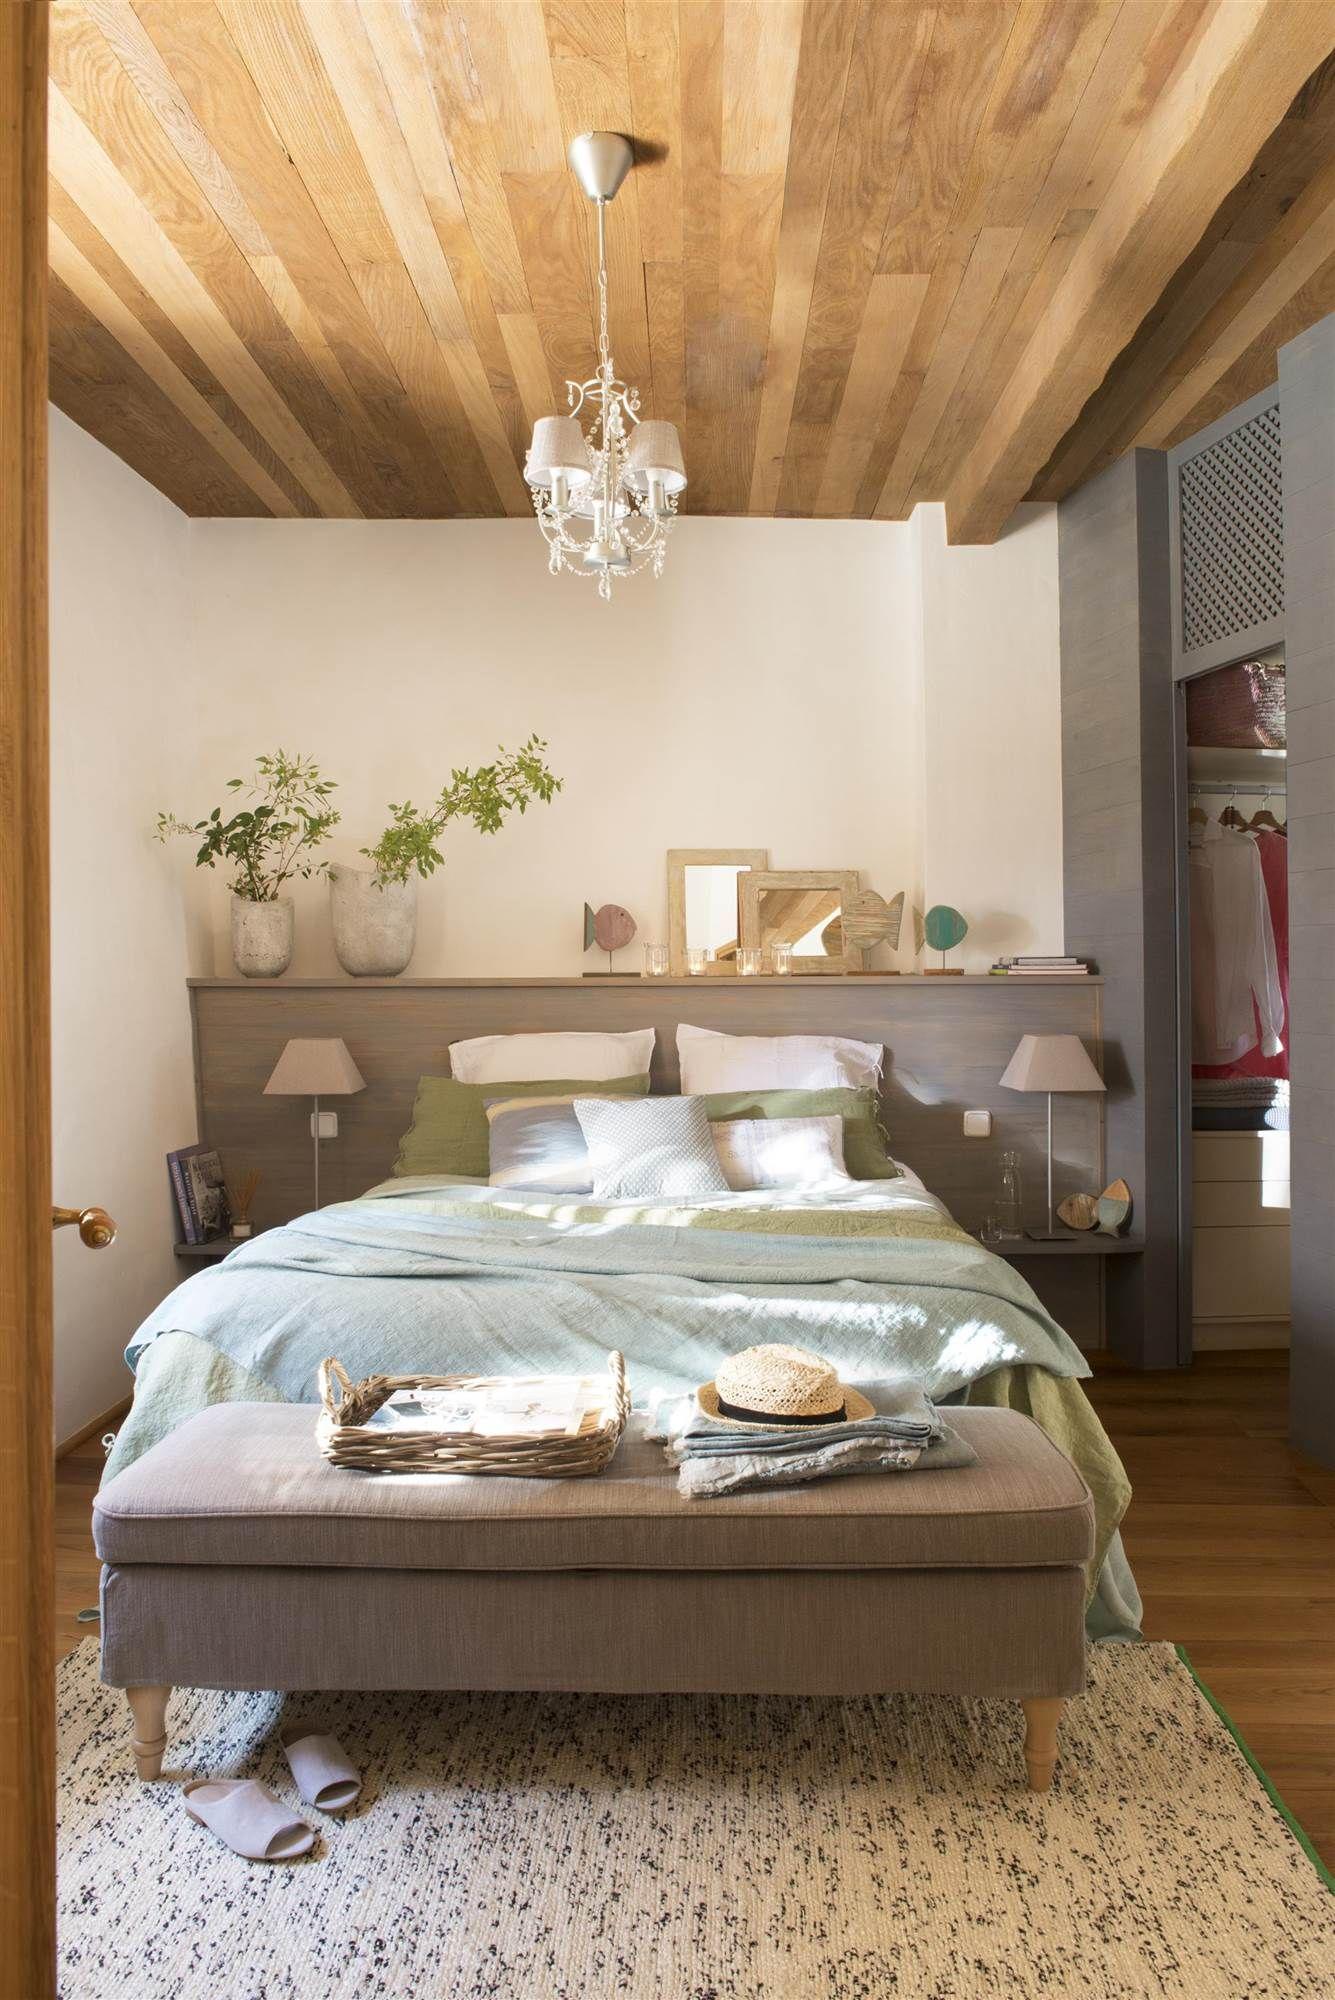 Sabes que se llevan los cabeceros de pared a pared for Lamparas para apartamentos pequenos